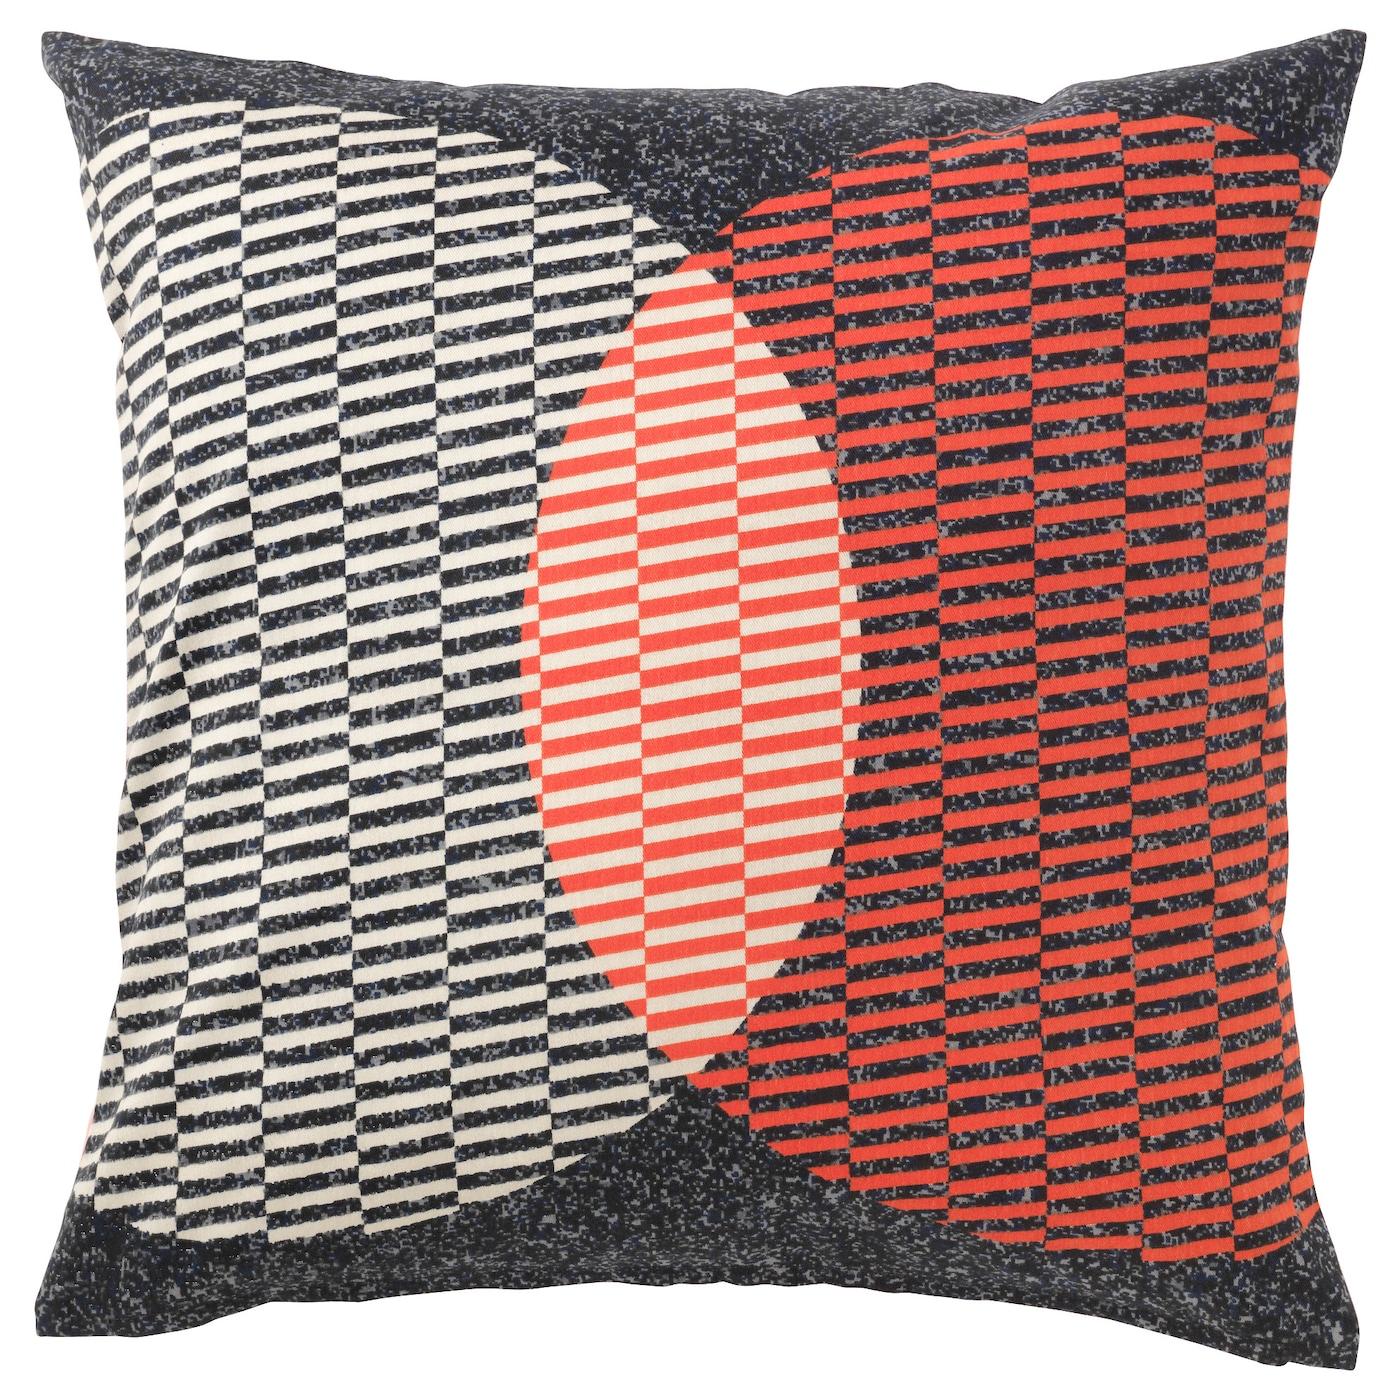 V 197 Rl 214 K Cushion Cover Orange Black 50x50 Cm Ikea